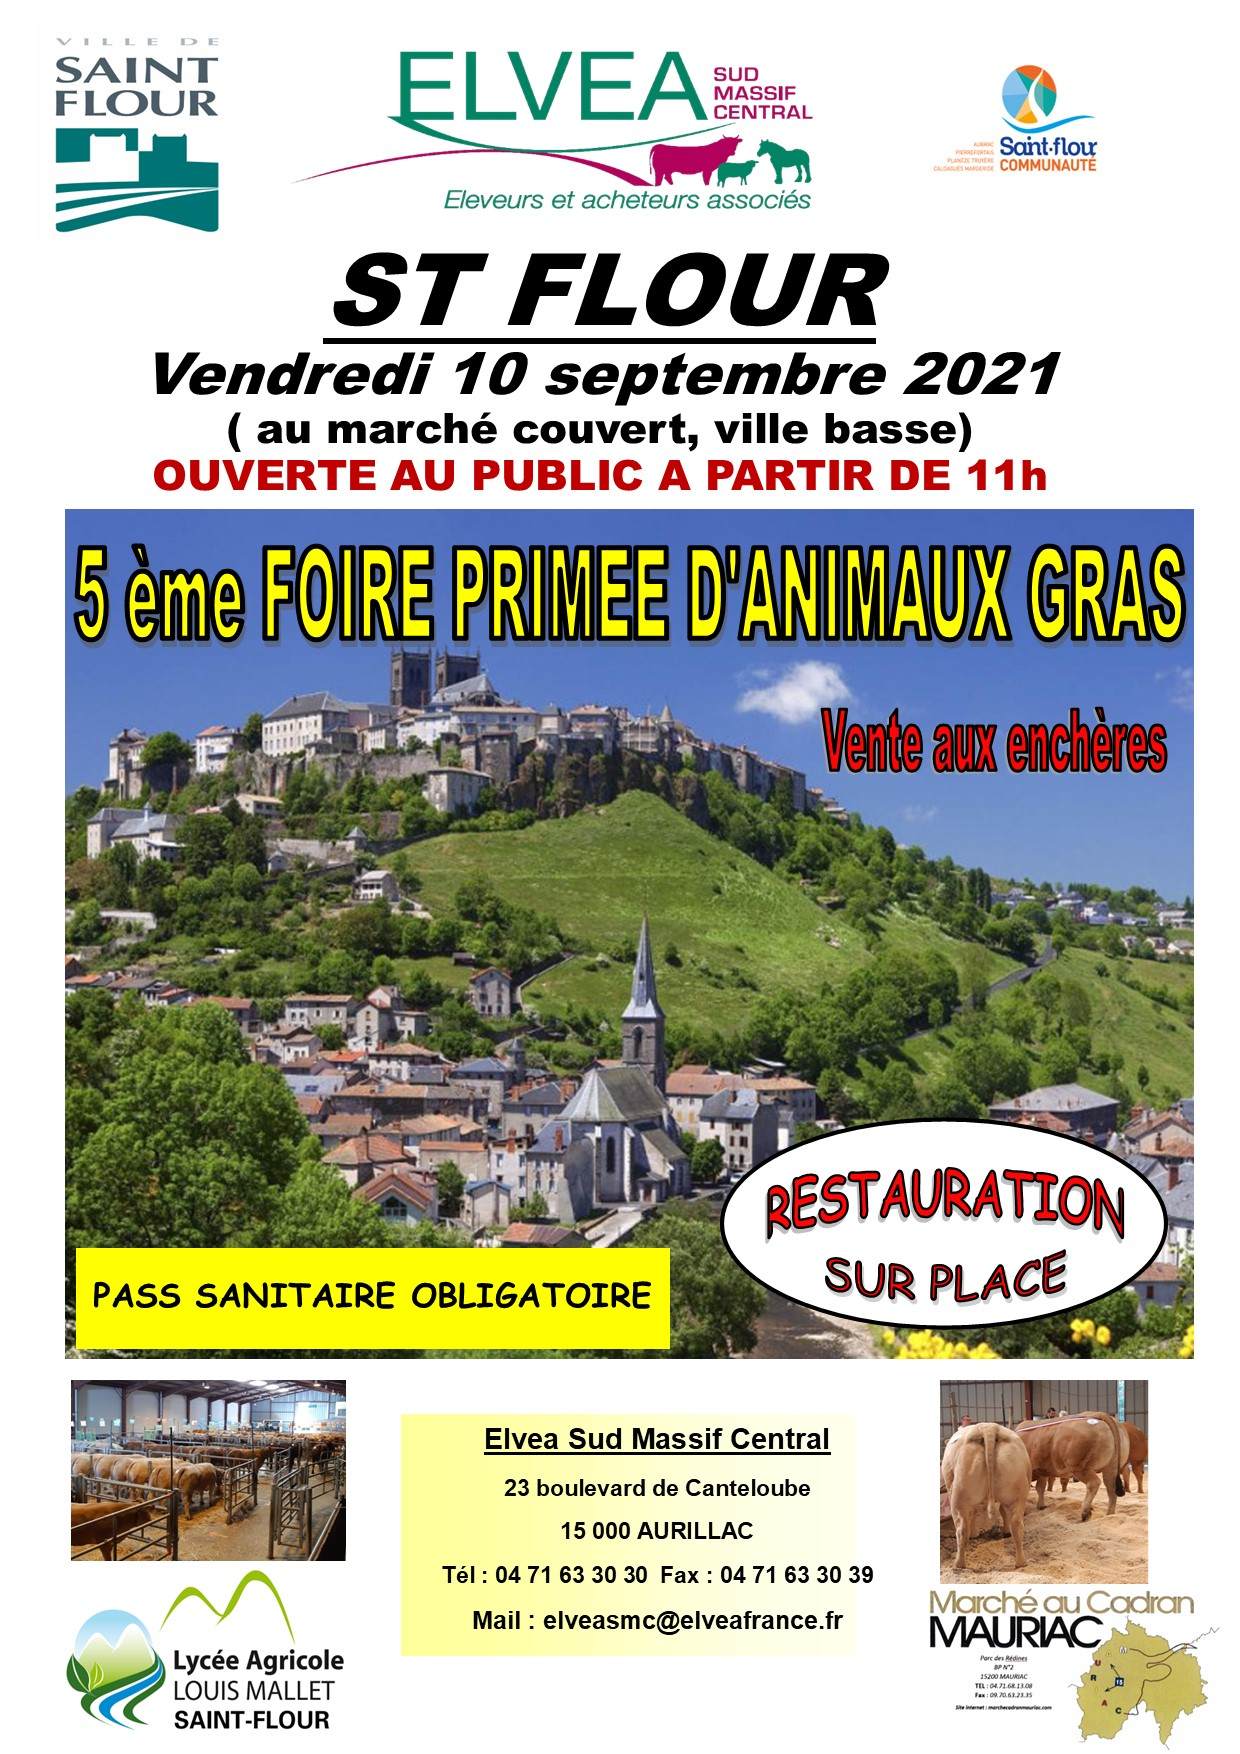 Foire aux animaux gras du 10 septembre